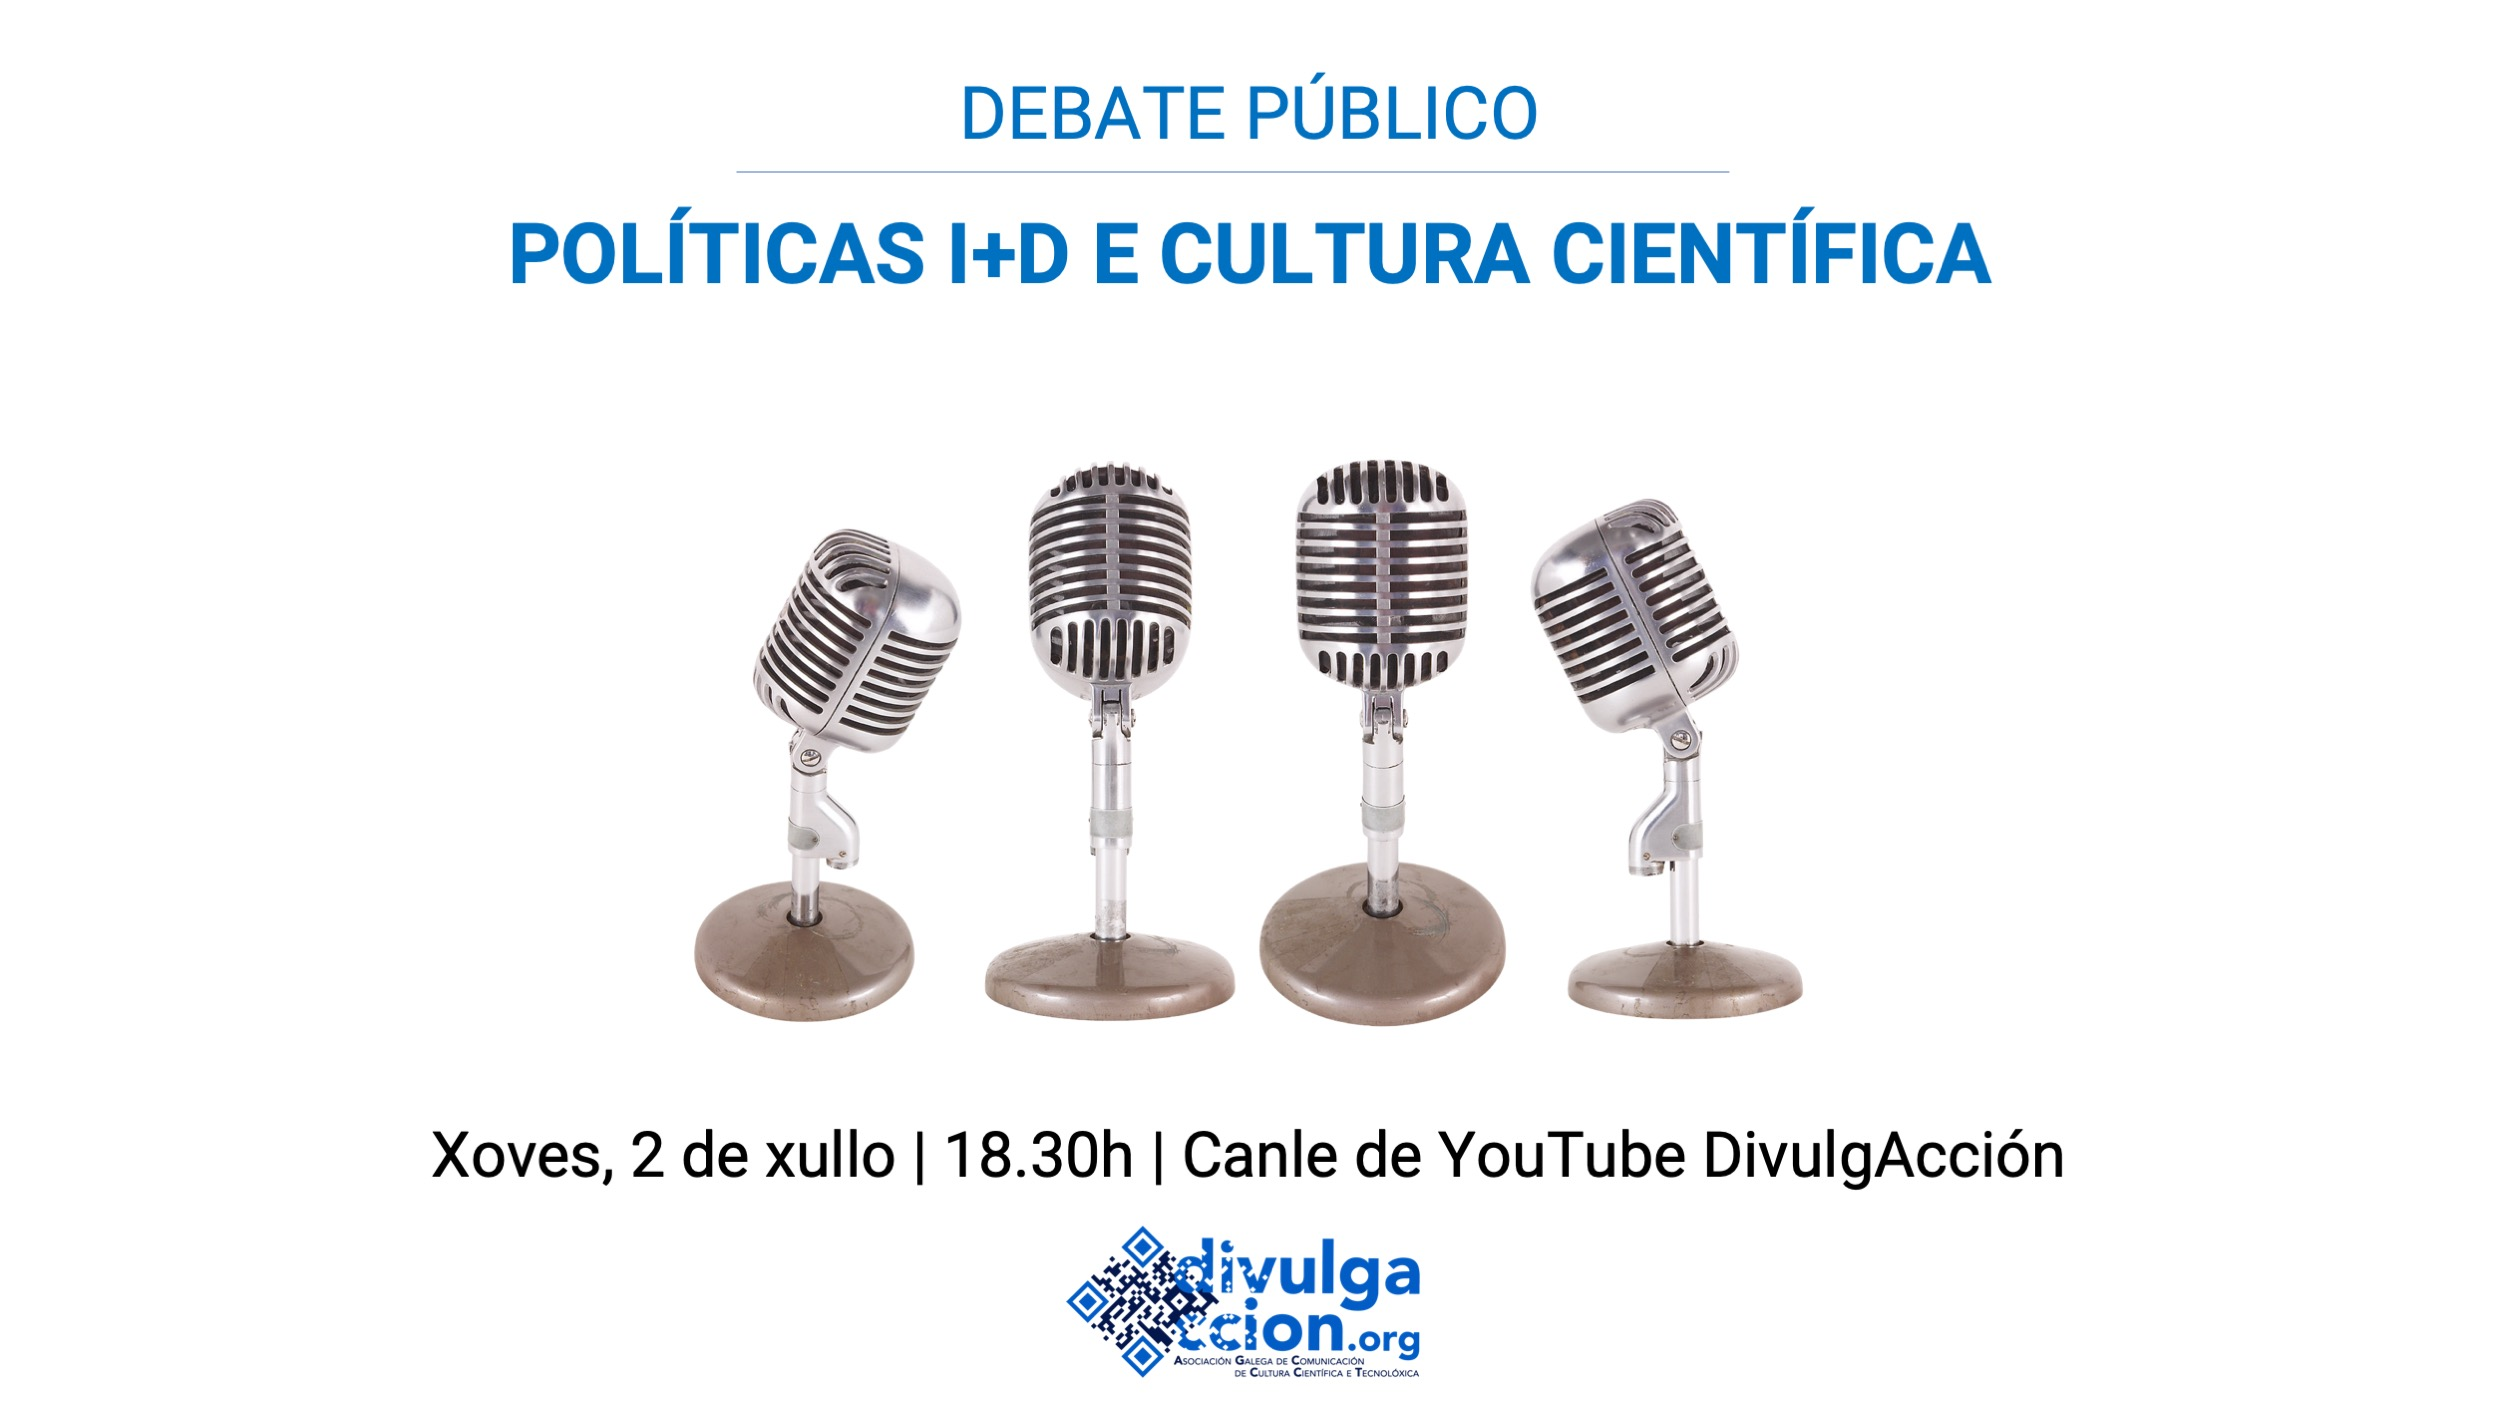 Divulgacción leva a ciencia ao centro da campaña cun debate electoral que se emitirá este xoves por YouTube